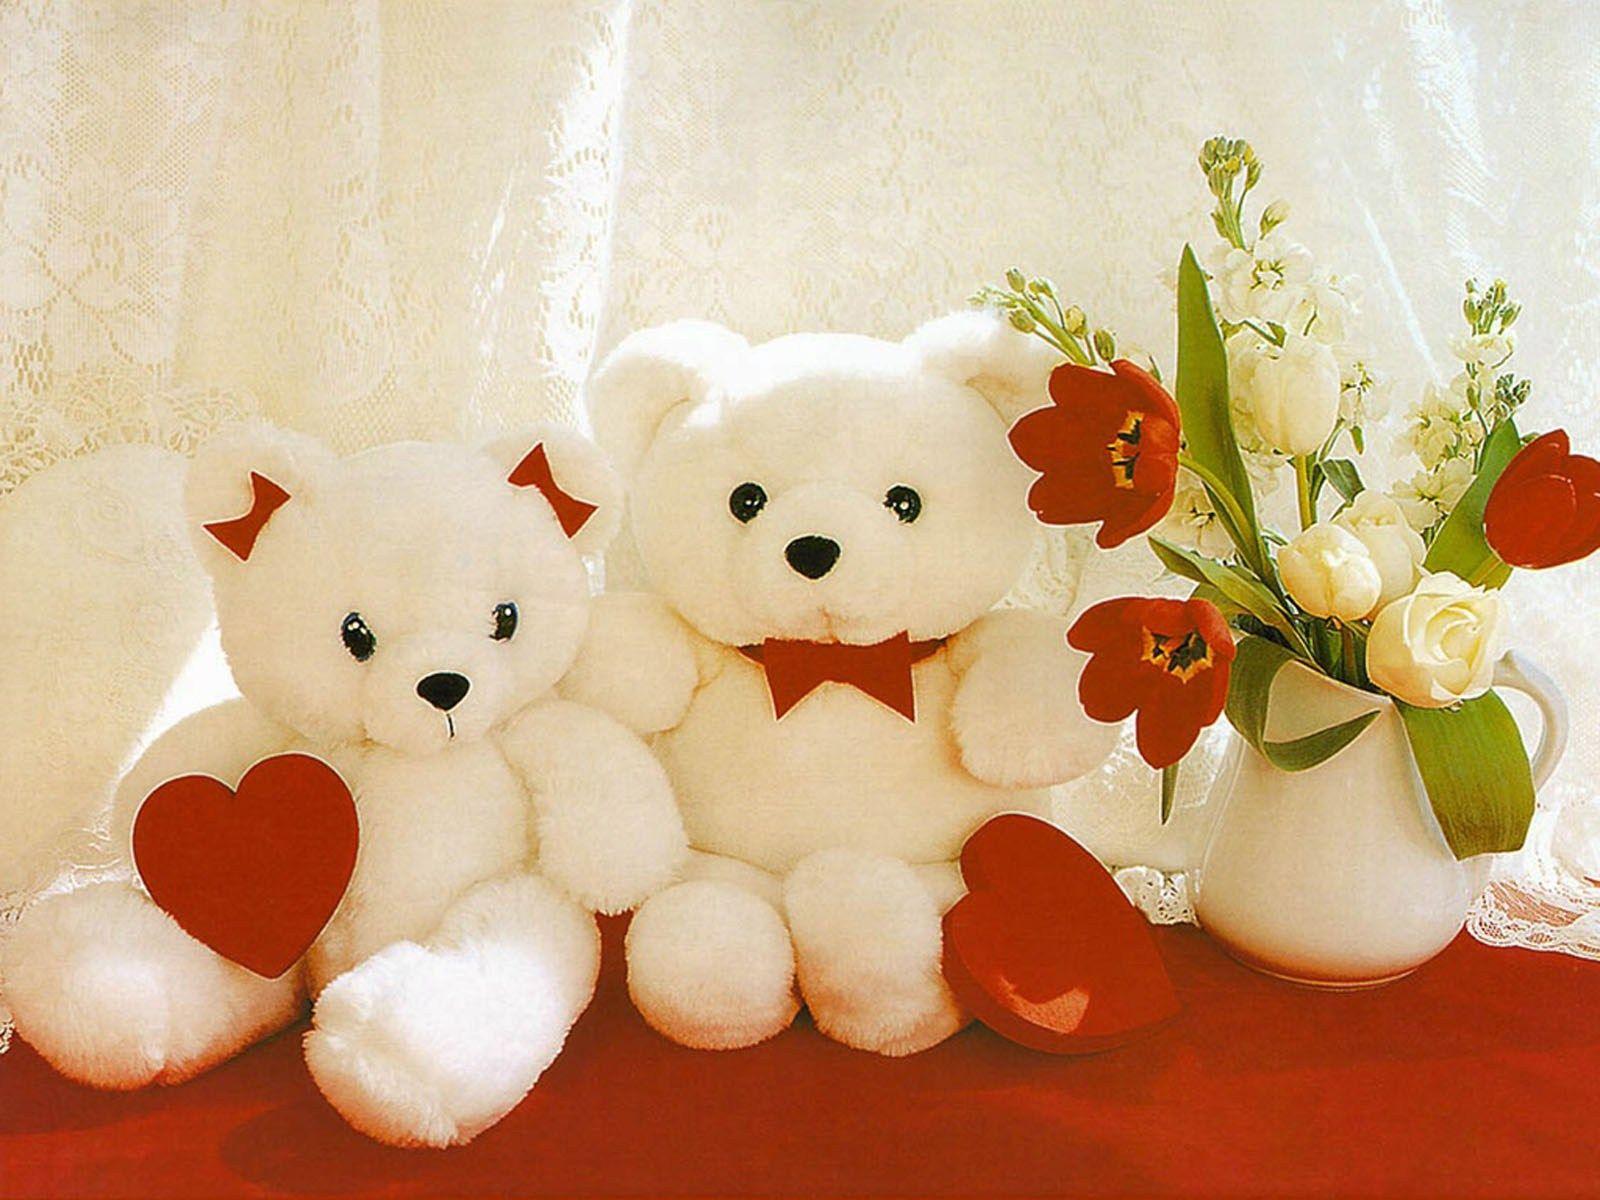 Картинка медвежонка для любимой